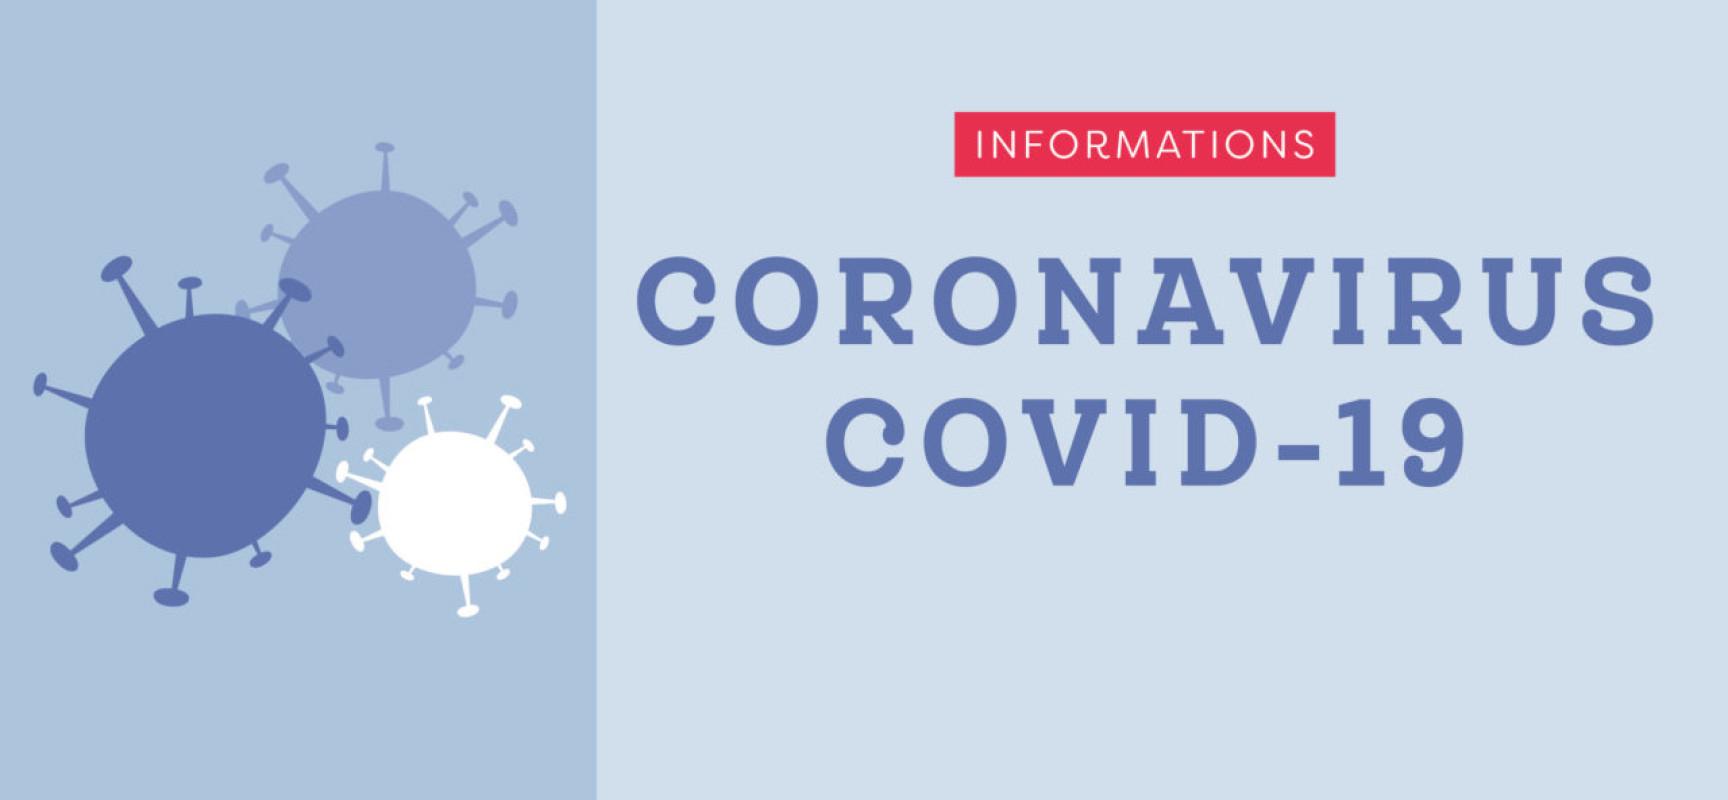 معلومات حول الكرونا